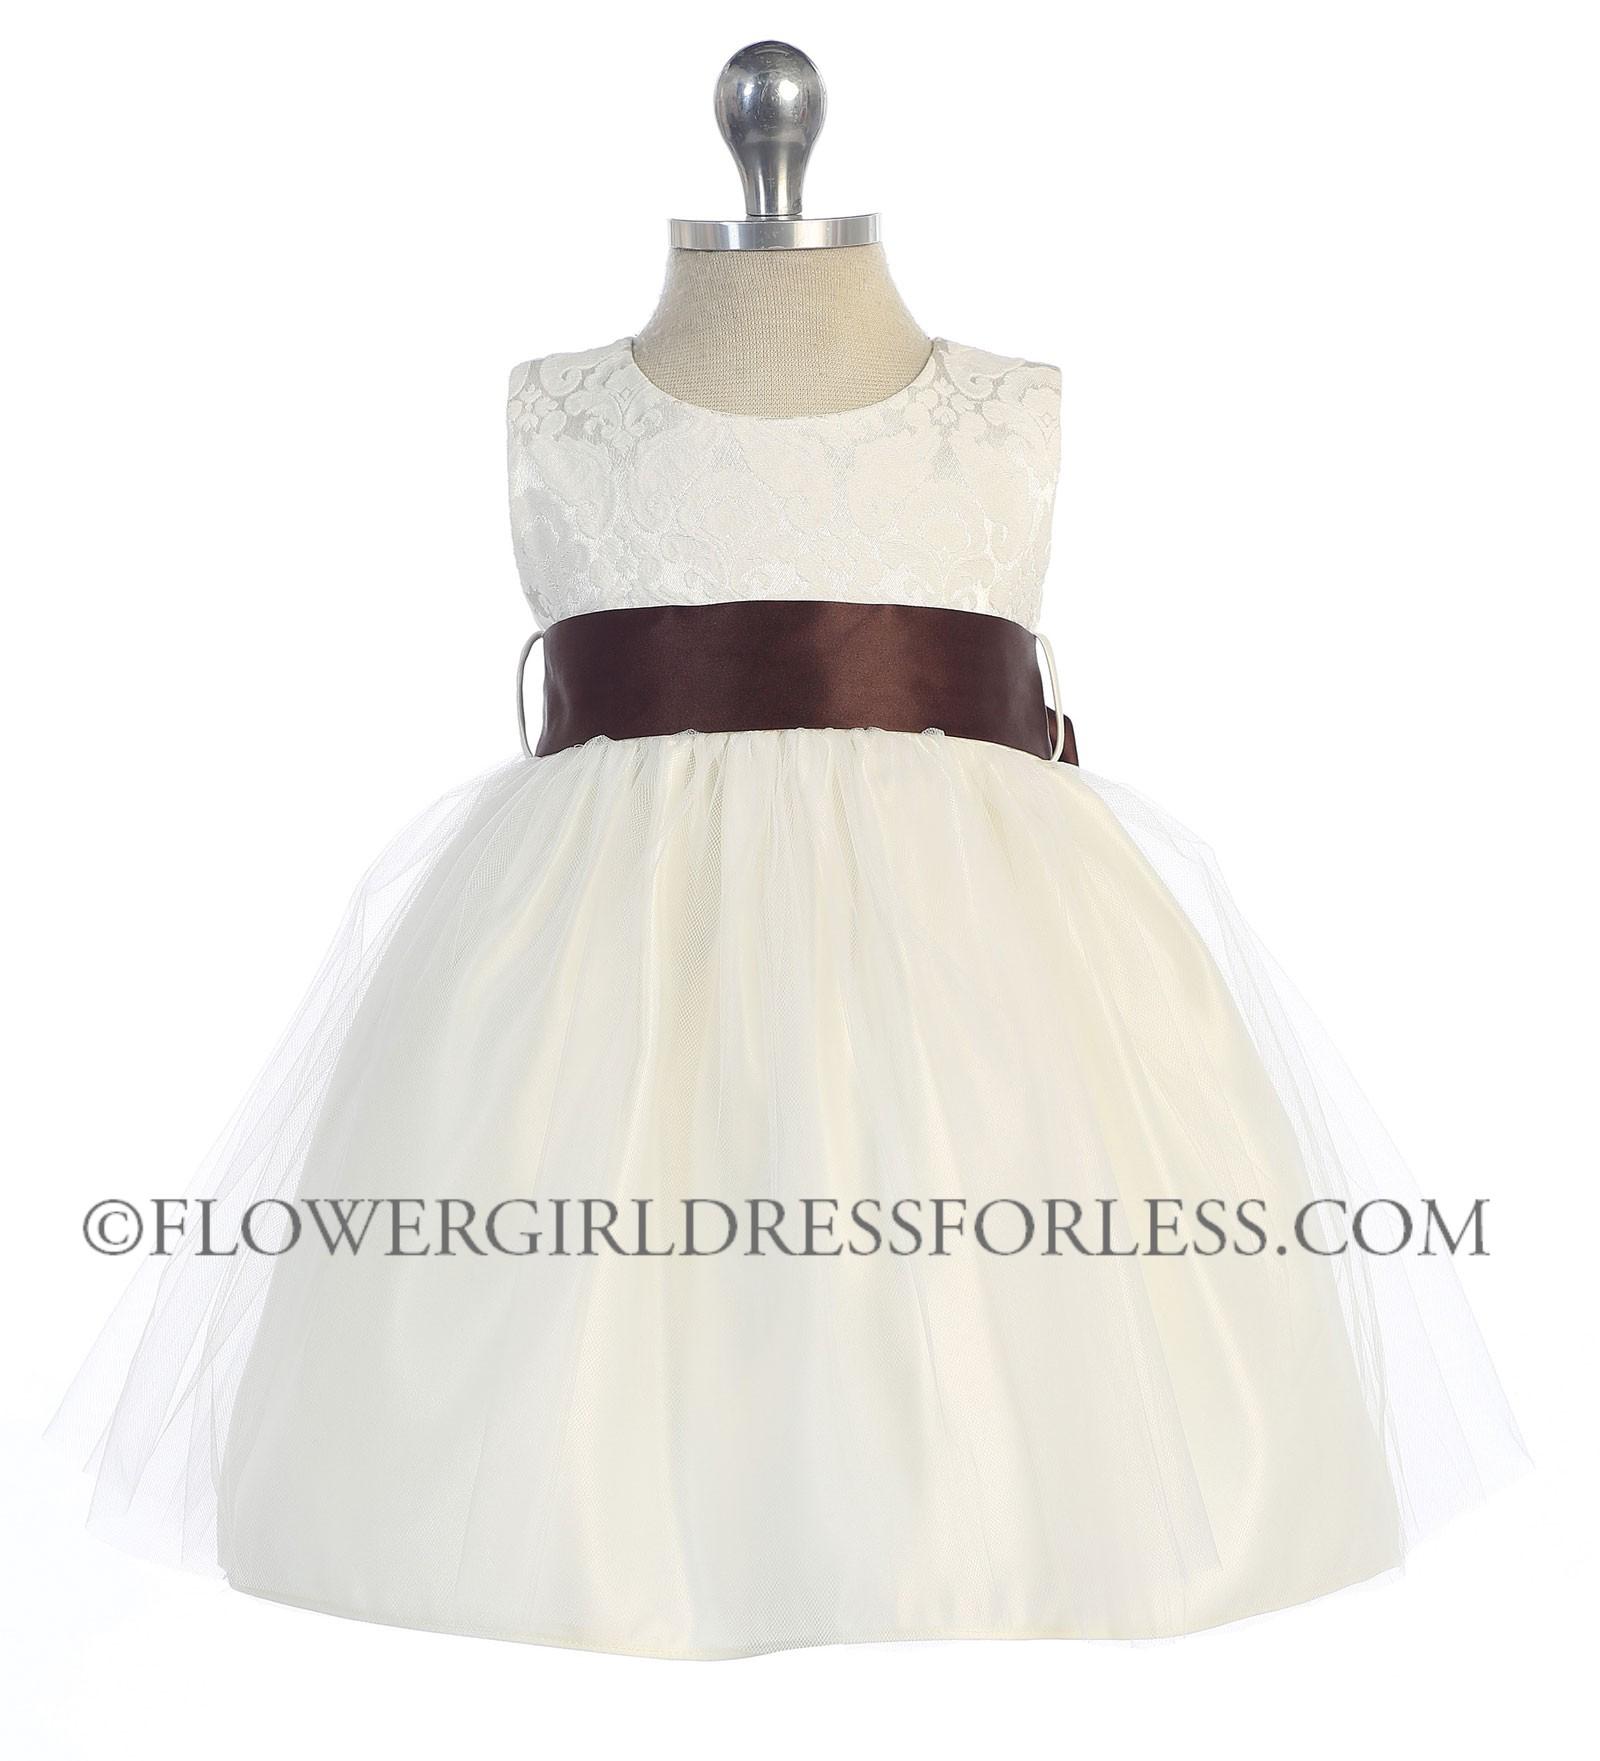 Size 5 - Flower Girl Dresses - Flower Girl Dress For Less